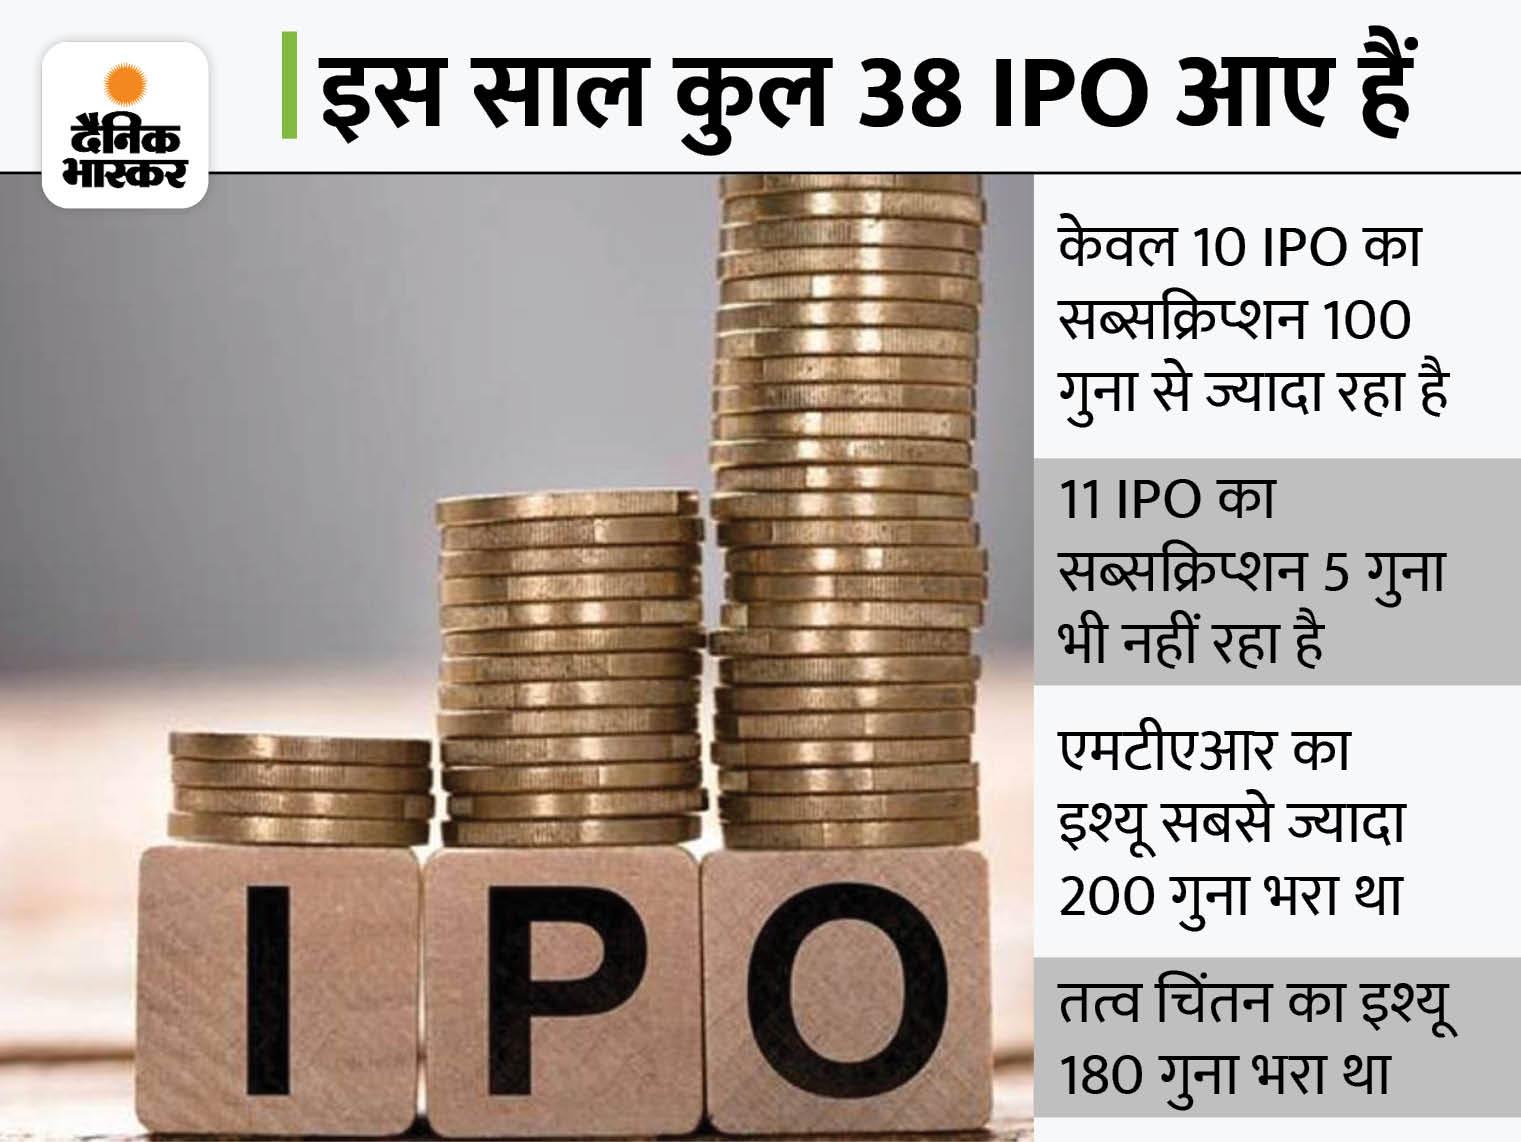 बाजार की तेजी में कंपनियों को देख कर निवेश करें, कई IPO में मिल चुका है घाटा बिजनेस,Business - Dainik Bhaskar